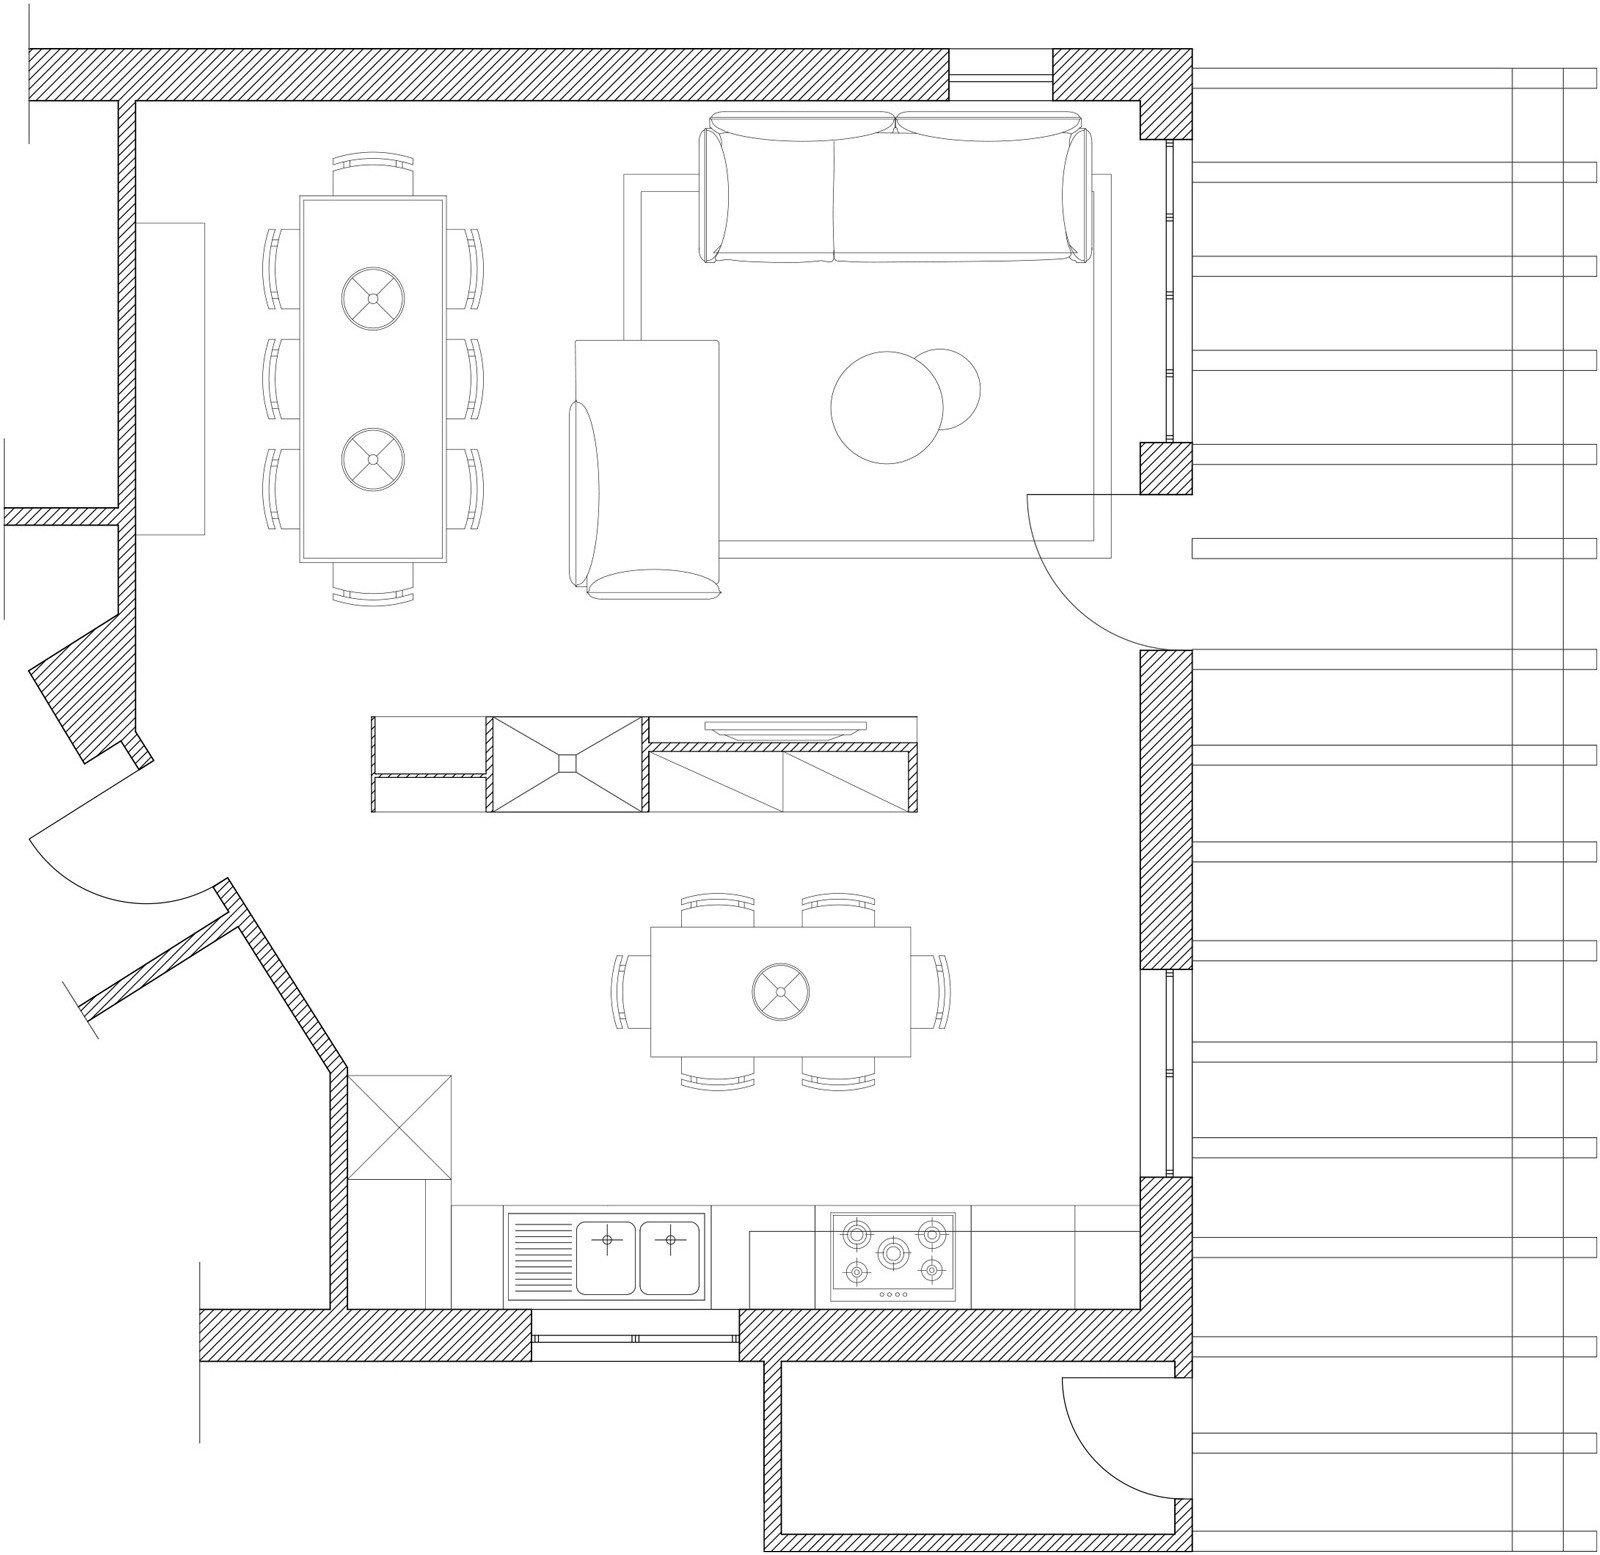 Disegnare cucina 3d simple un d prospettiva punto singolo for Progettare cucina 3d online gratis